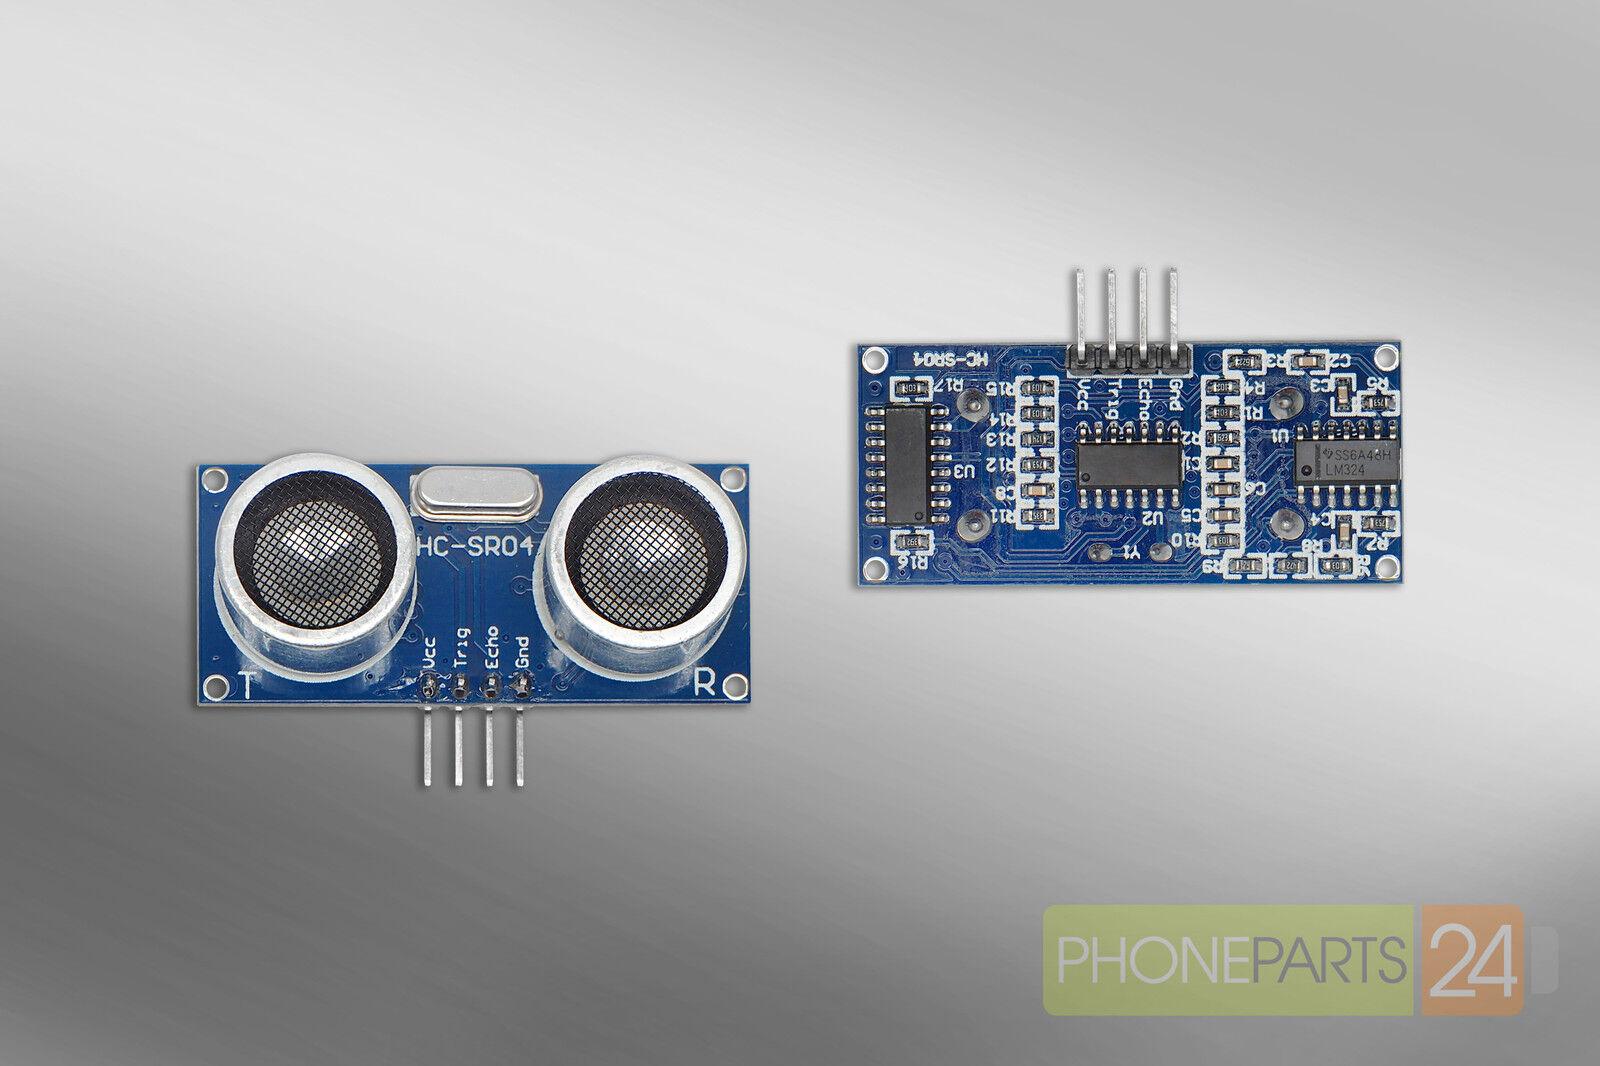 Ultraschall Entfernungsmesser Modul : Hc sr ultraschall sensor modul abstand entfernung ebay